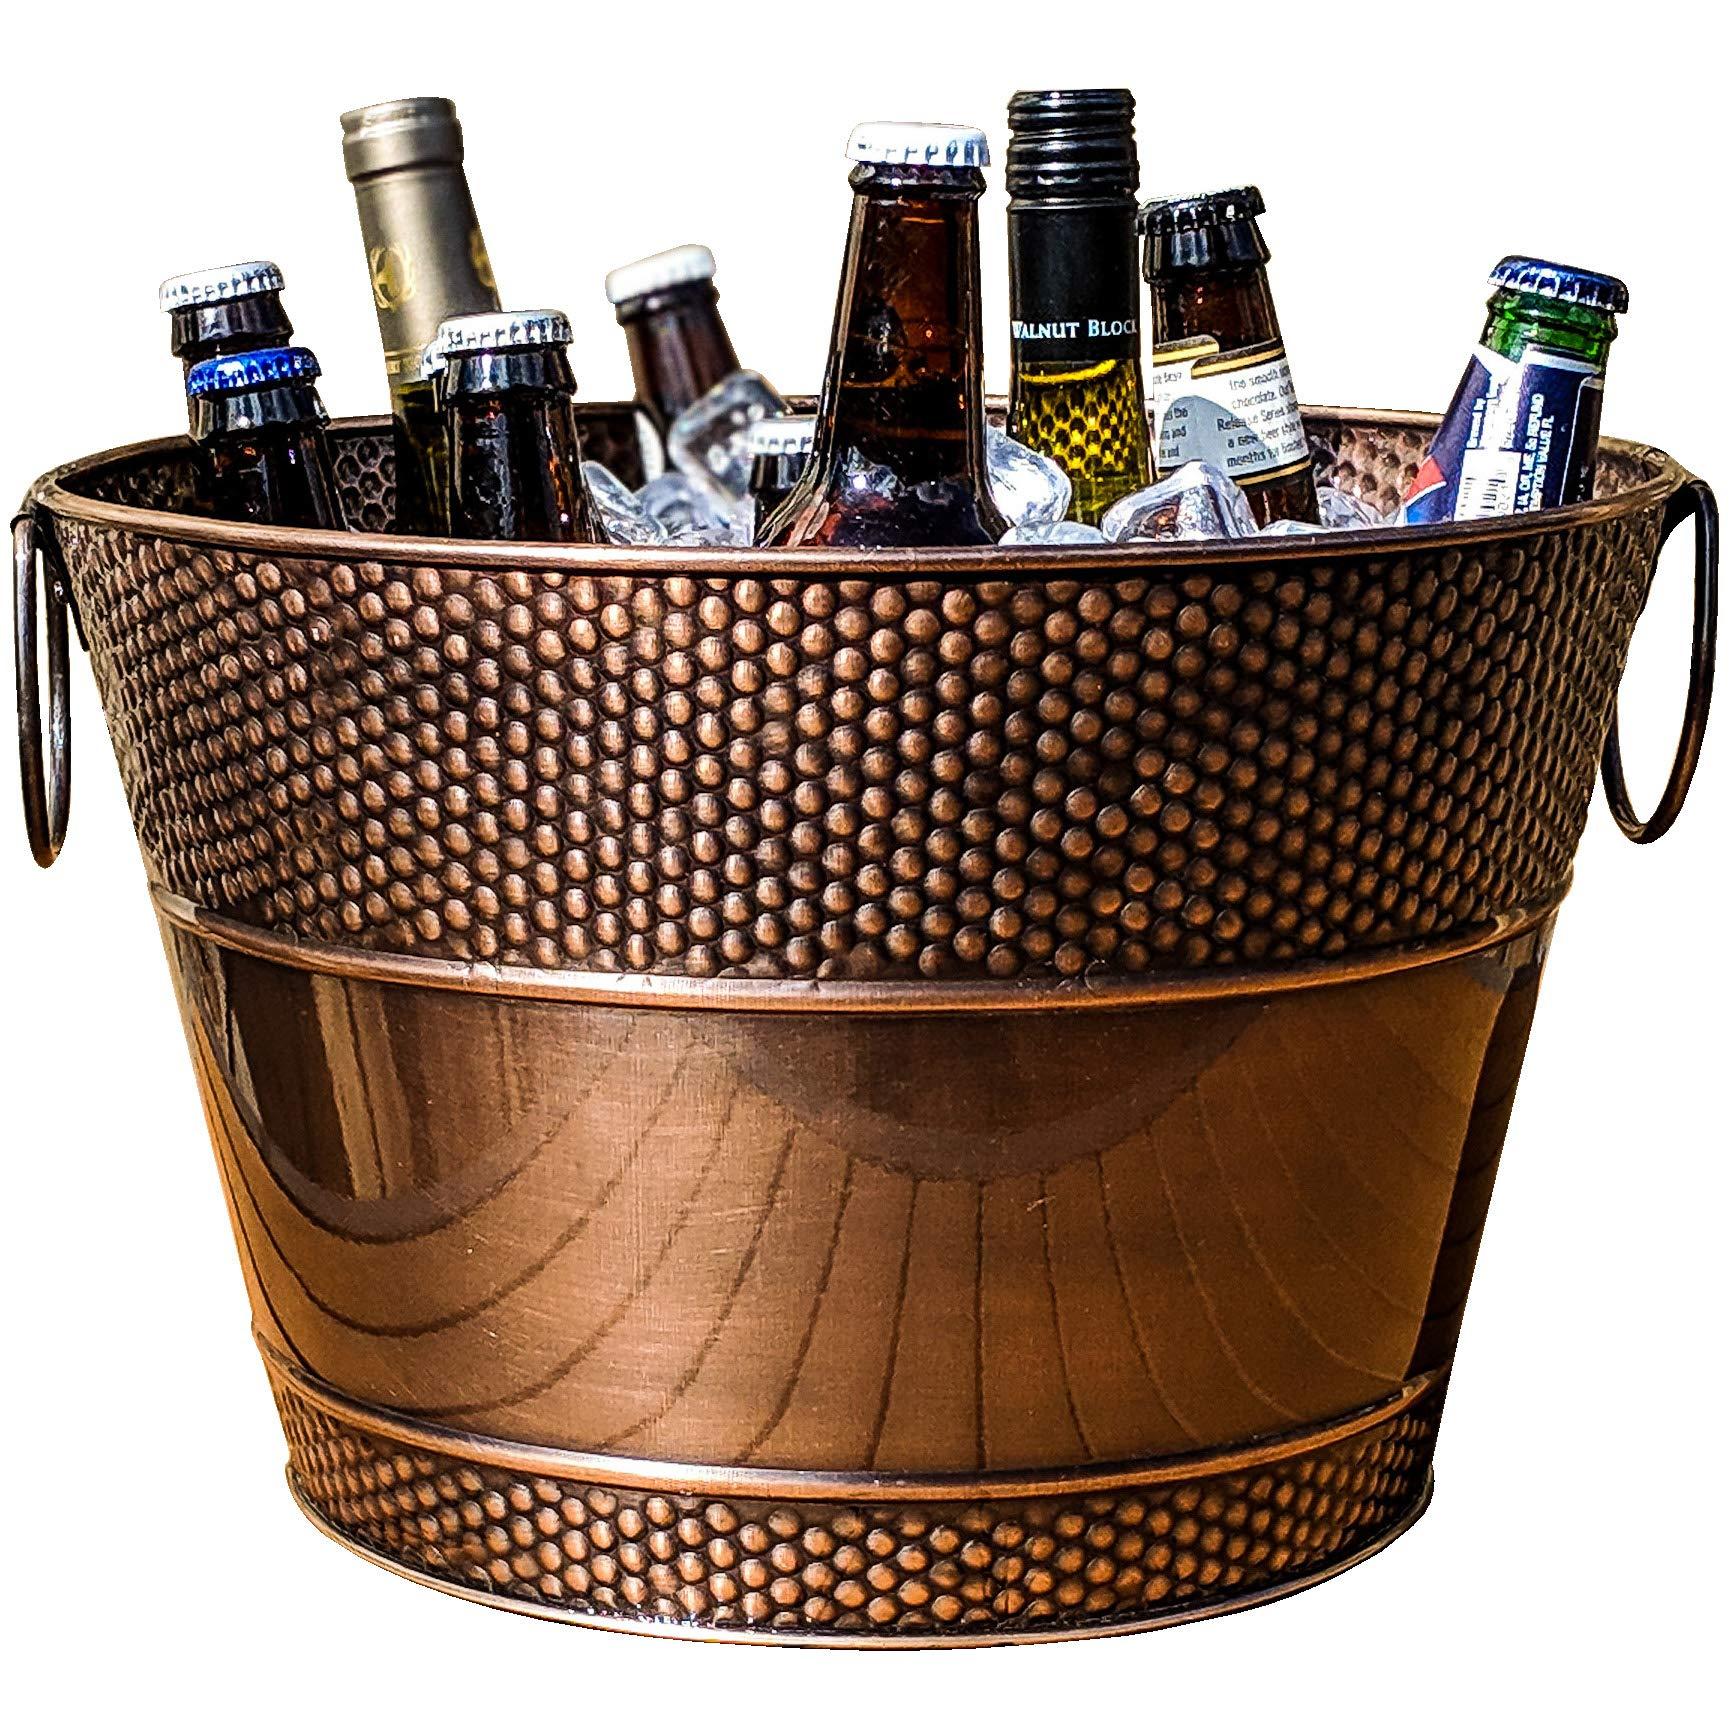 BREKX Old Tavern Copper Finish Antique Ice & Wine Bucket - Bronze by BREKX